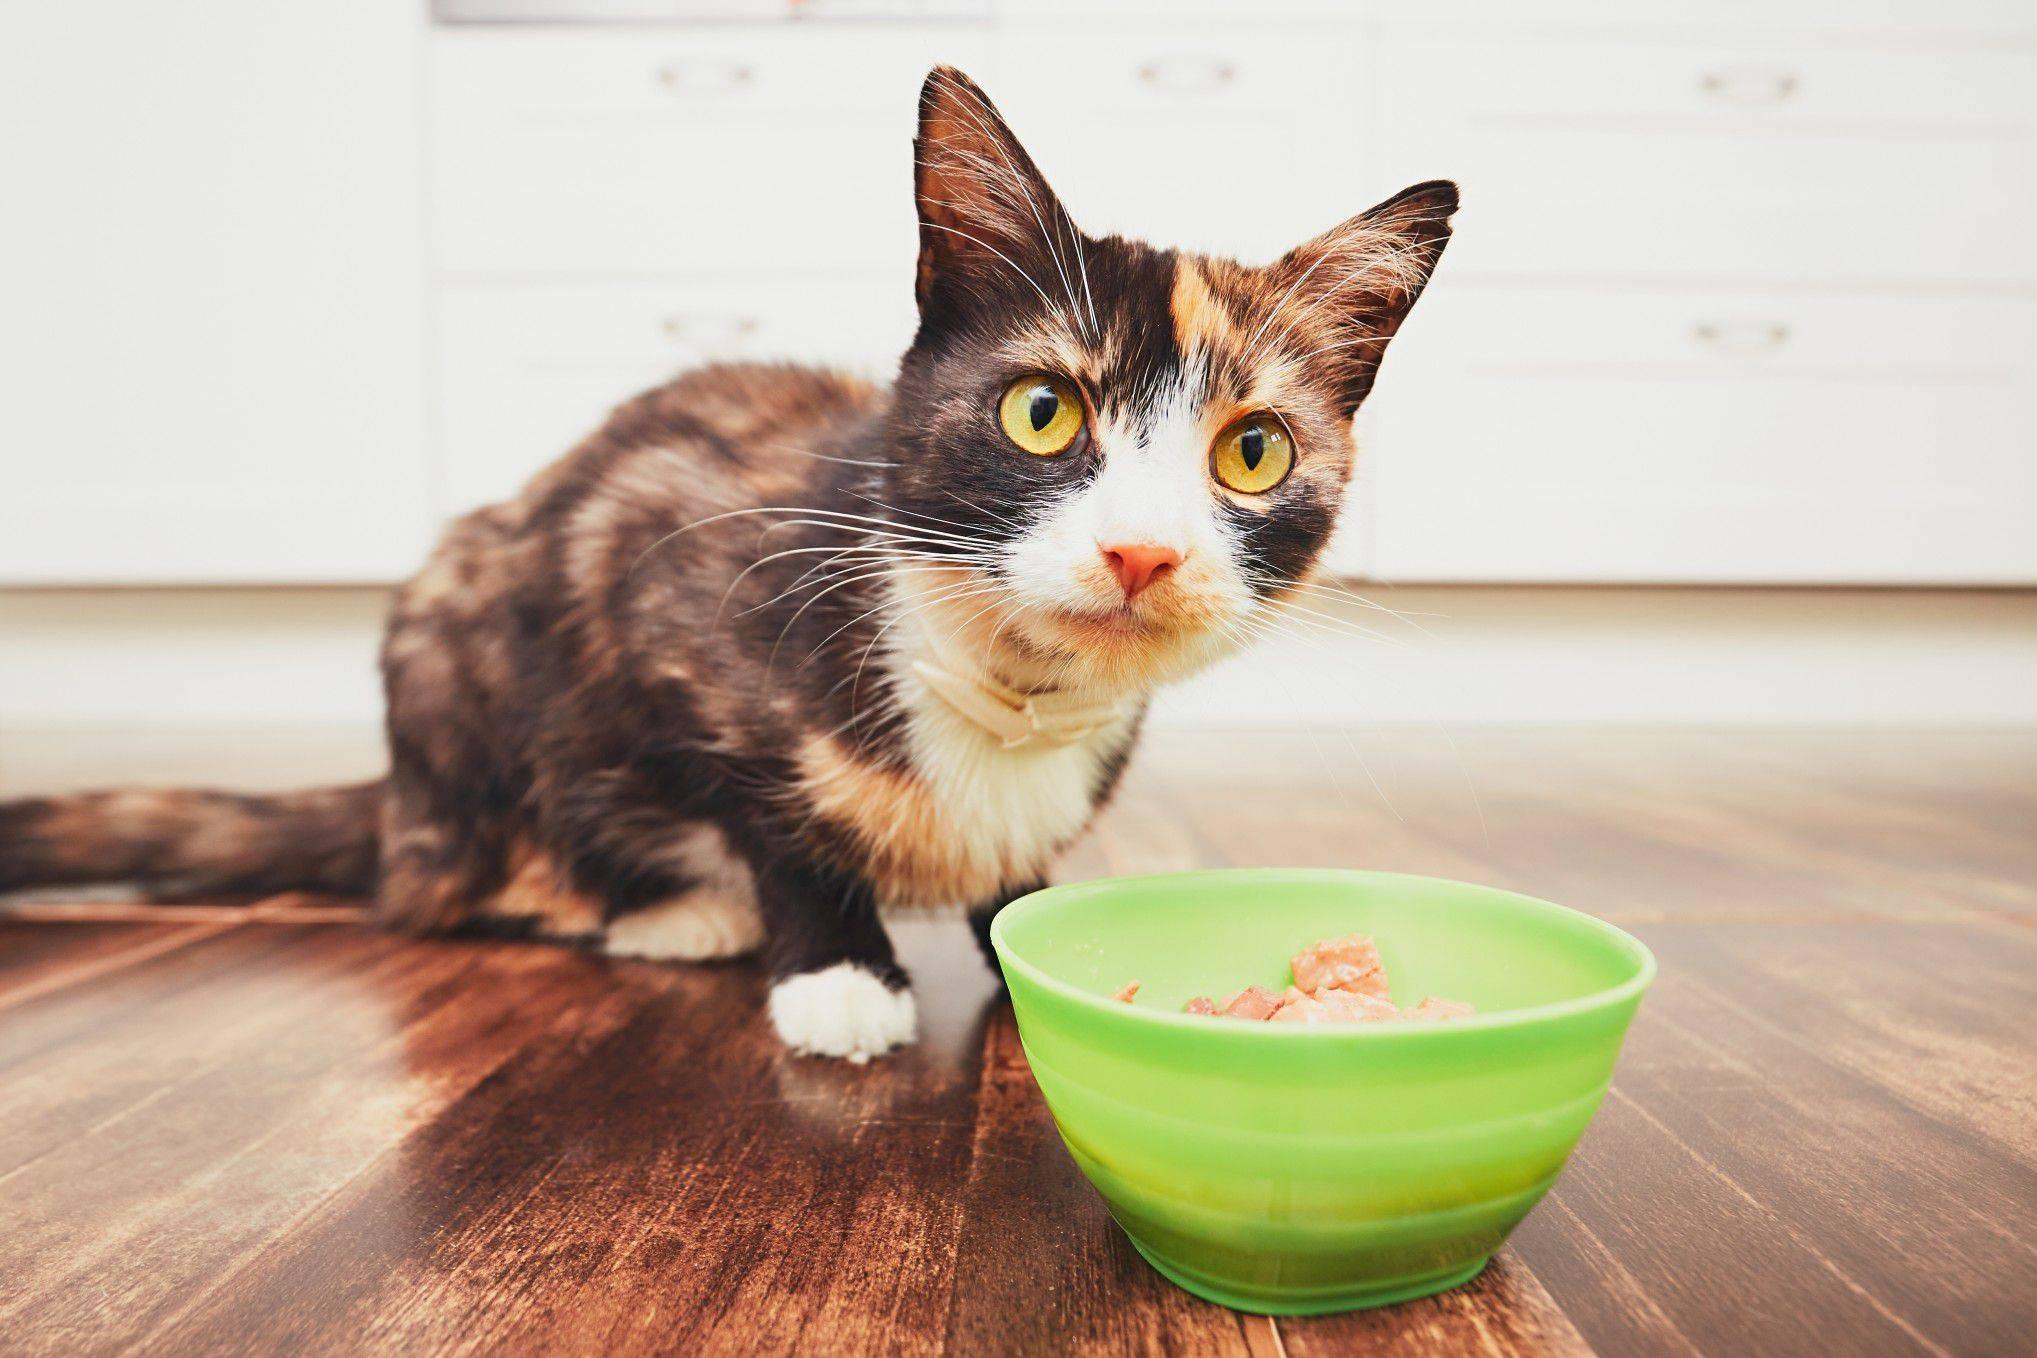 Тревожные сигналы: почему кошка не ест и не пьёт в течение нескольких дней